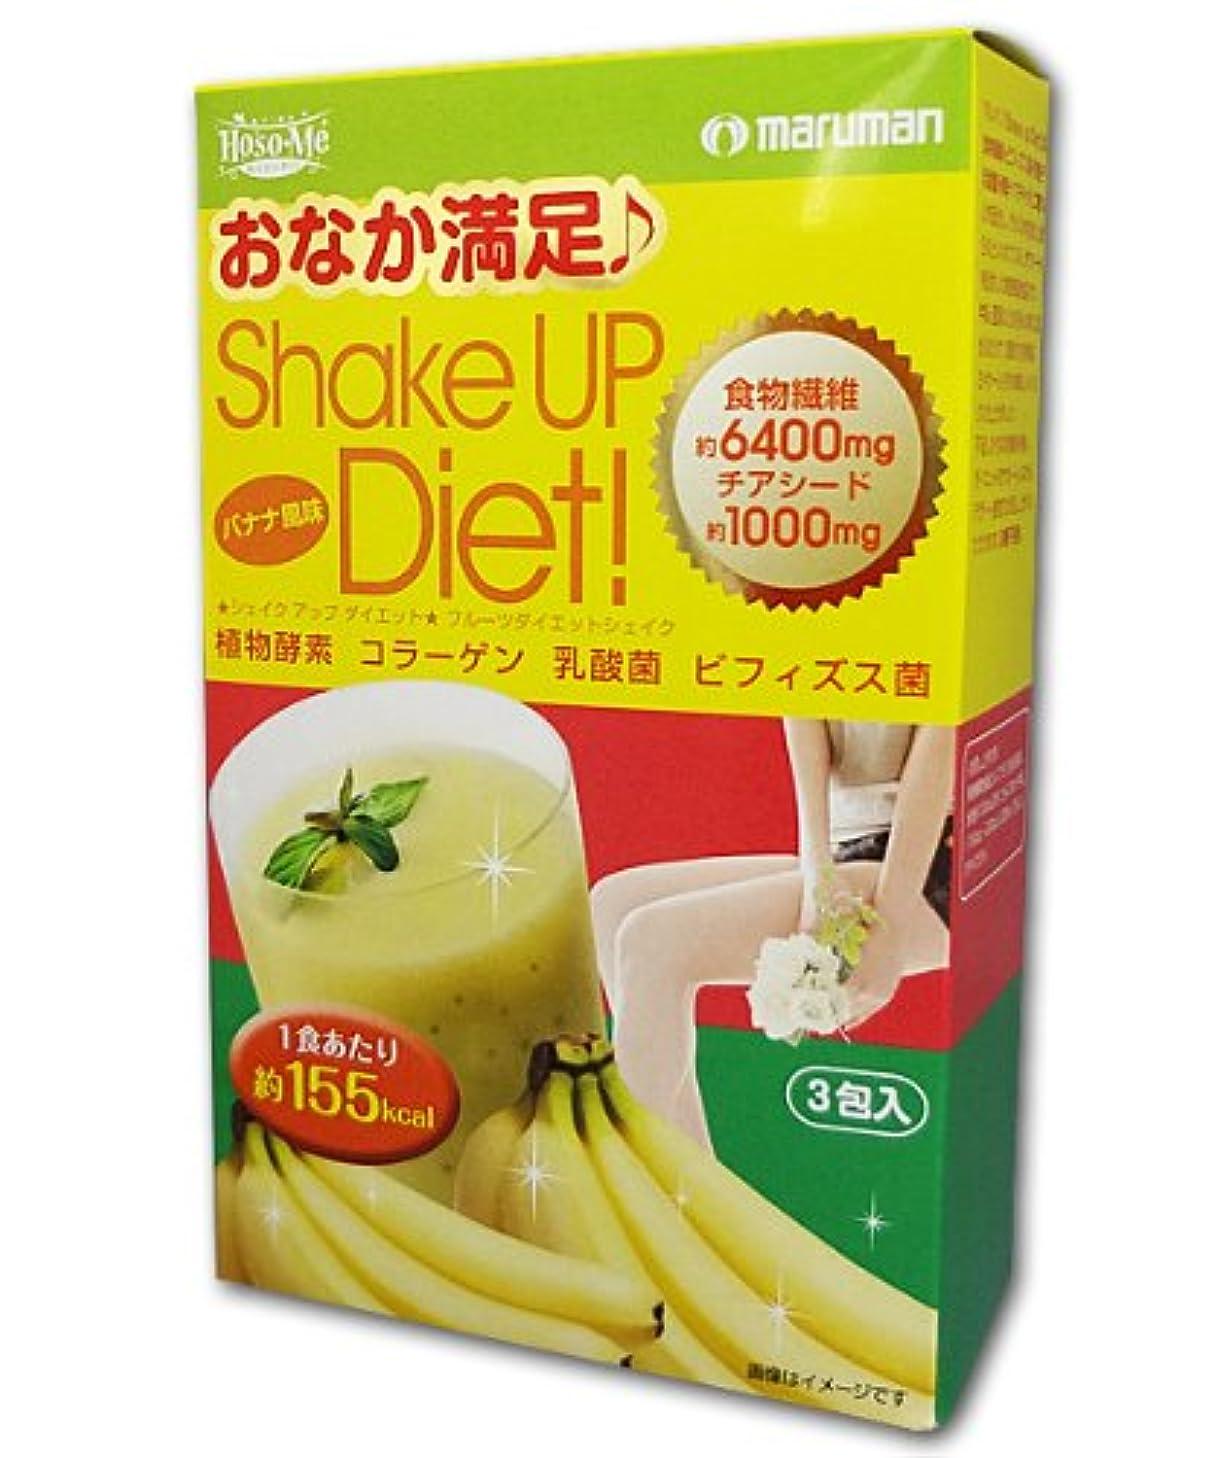 マルマン シェイクアップダイエット バナナ風味 3包入